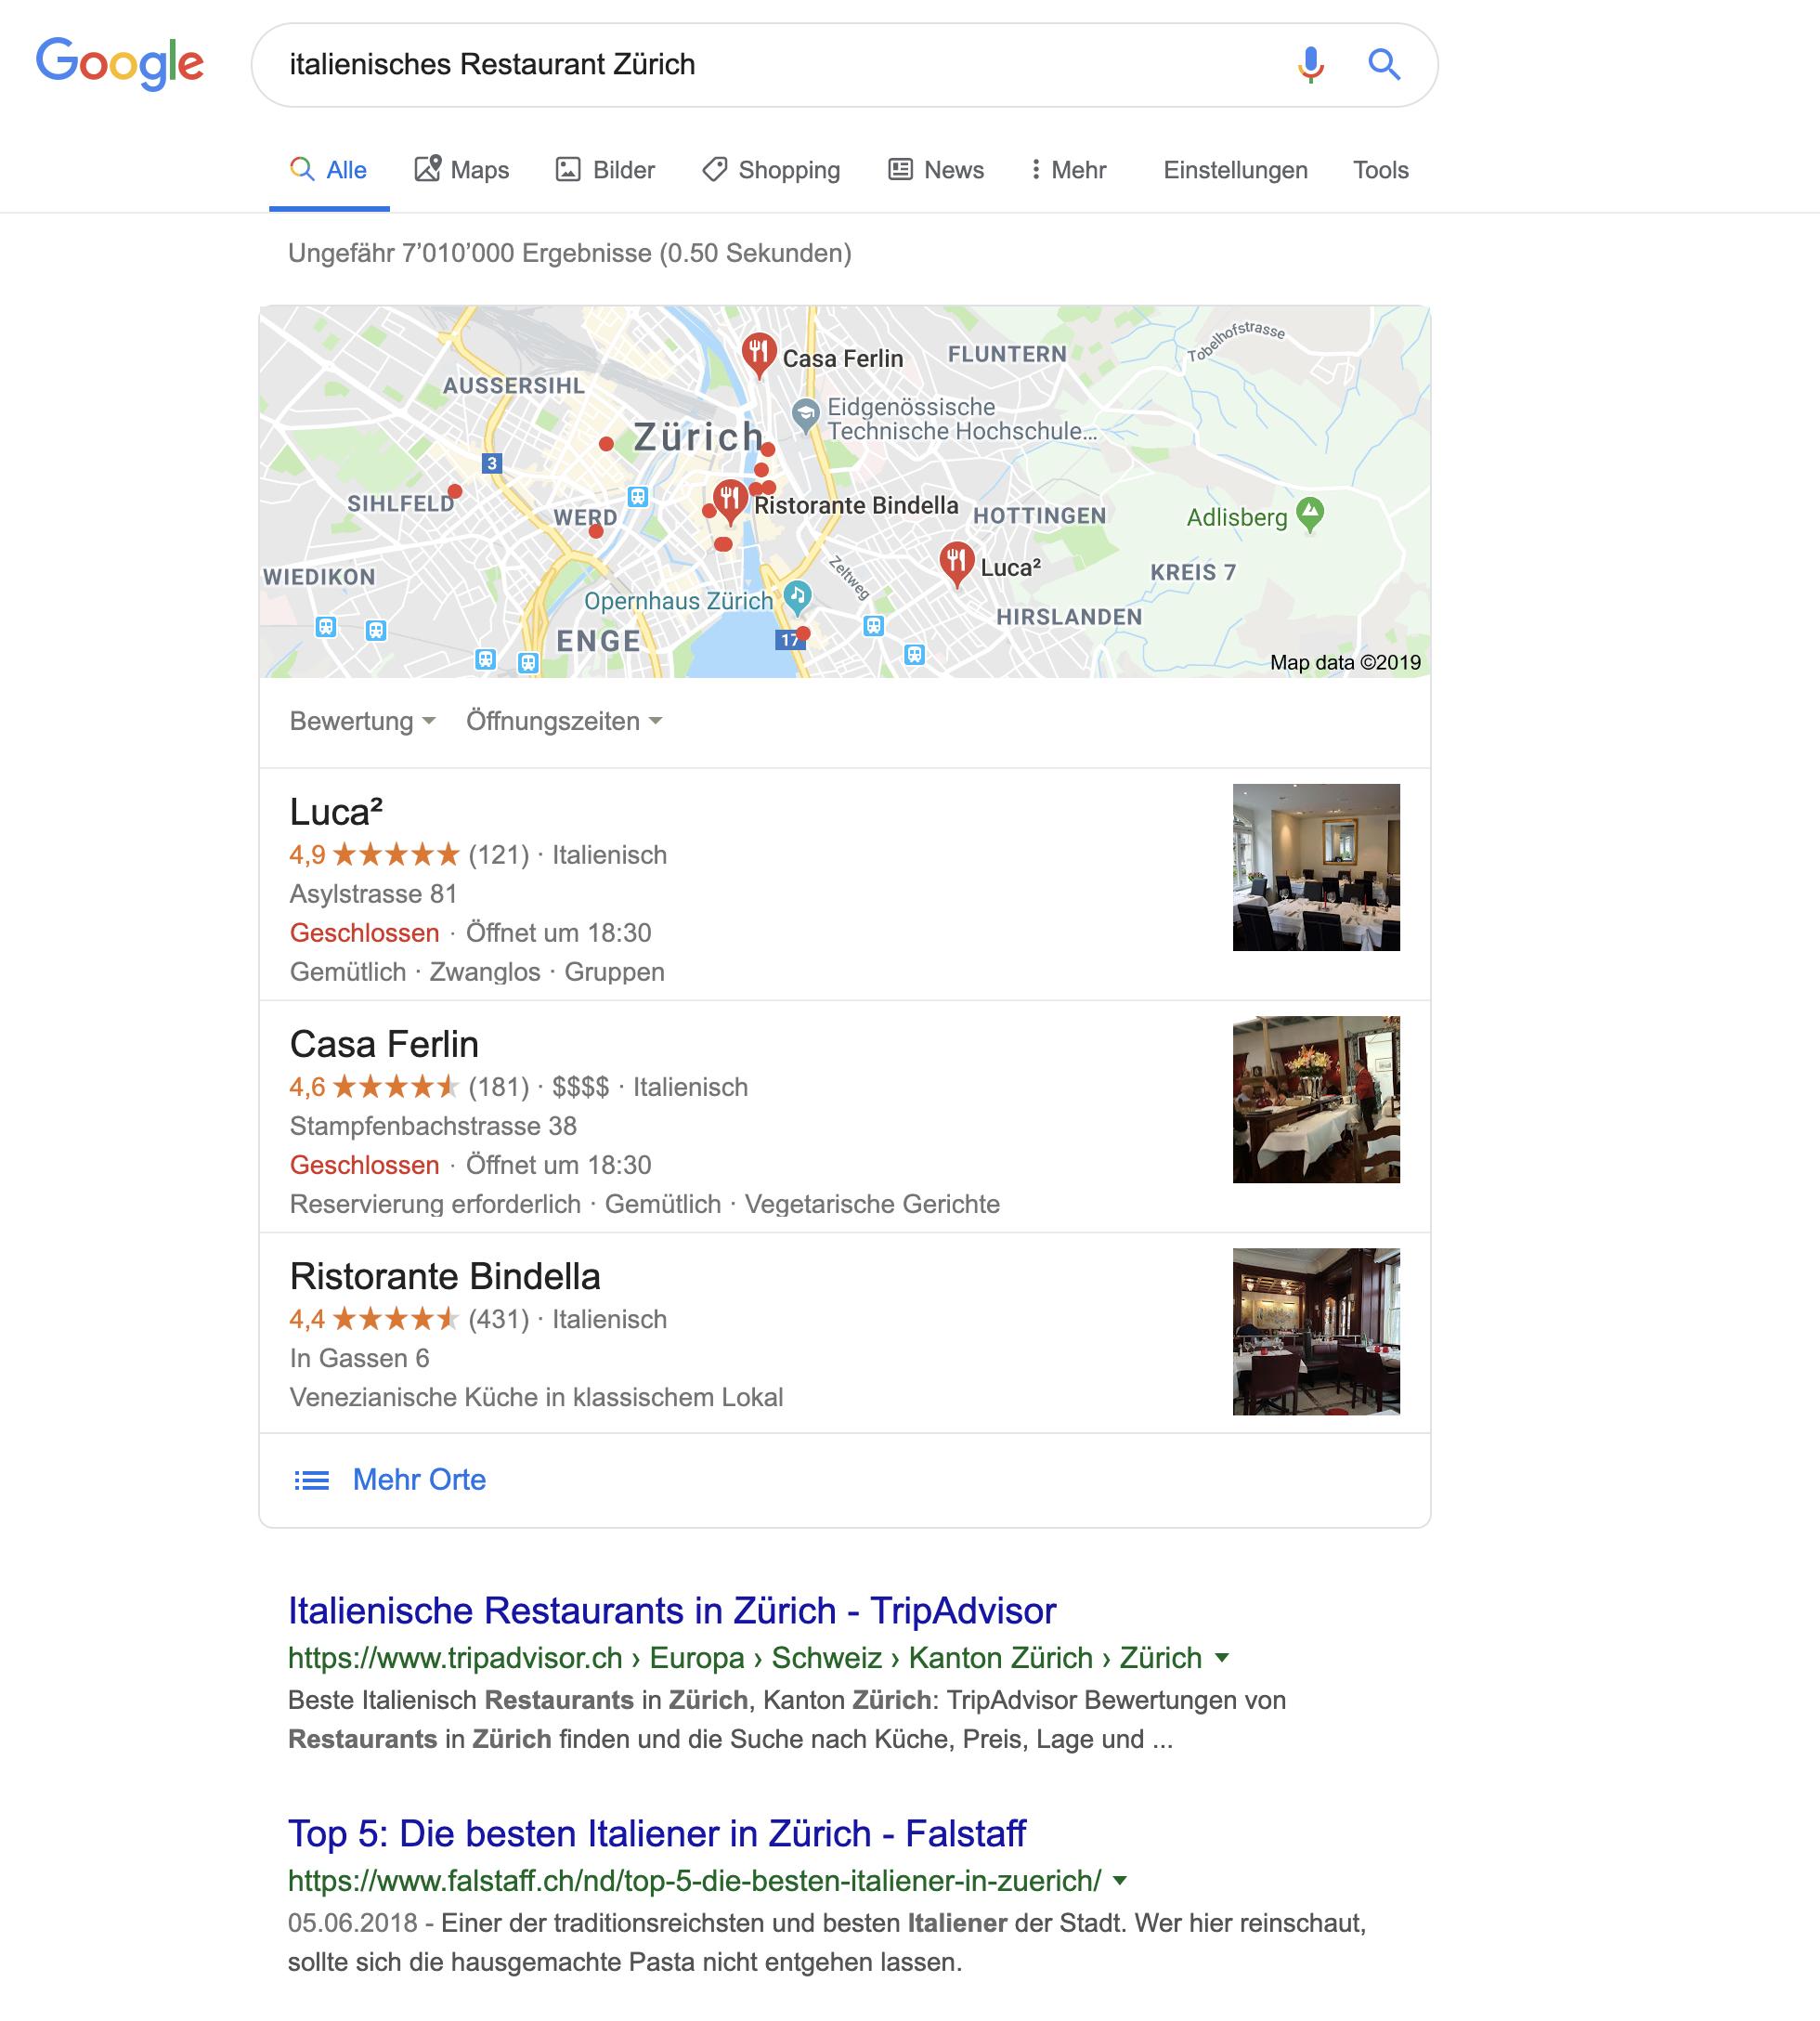 Suchergebnis über Google Local